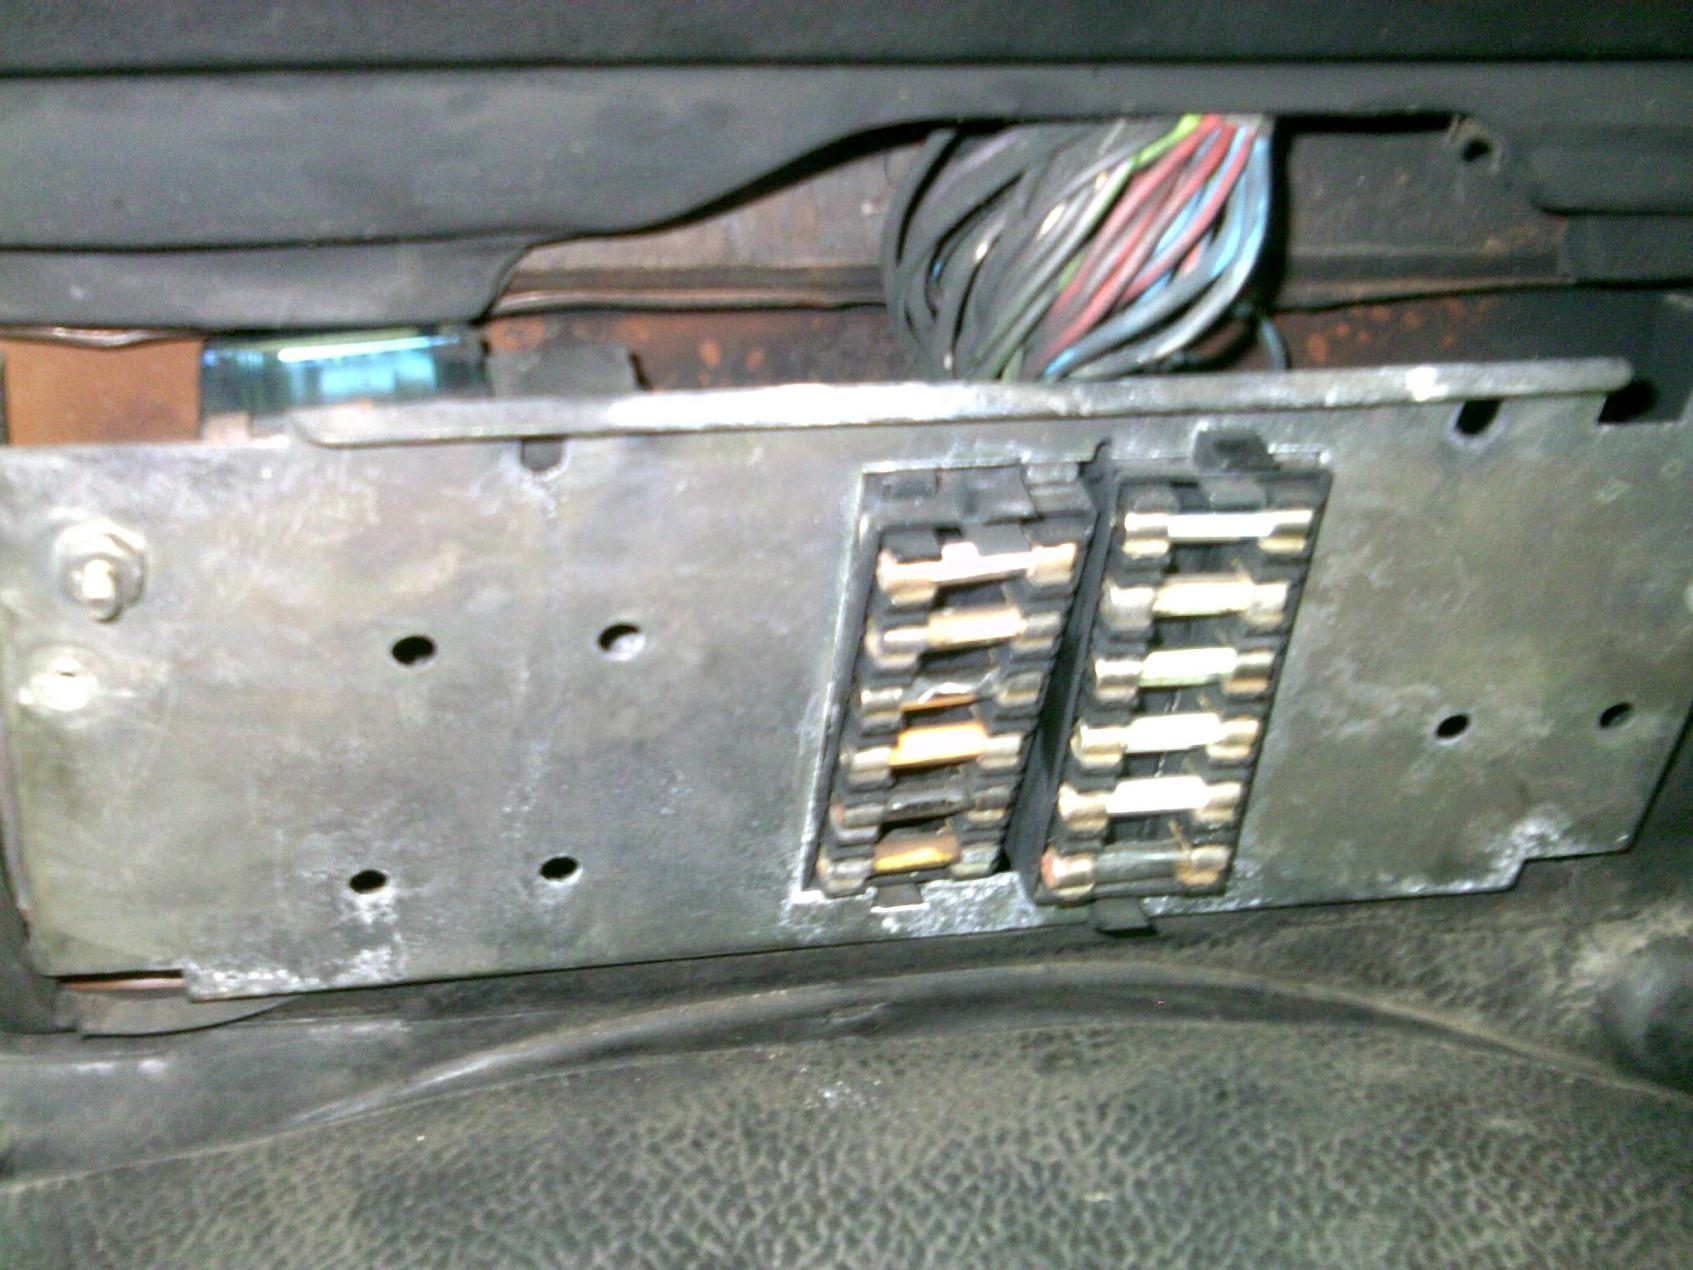 DIAGRAM] 90 Range Rover Fuse Box - 7 Way Wiring Index List  car.mon1erinstrument.frmon1erinstrument.fr